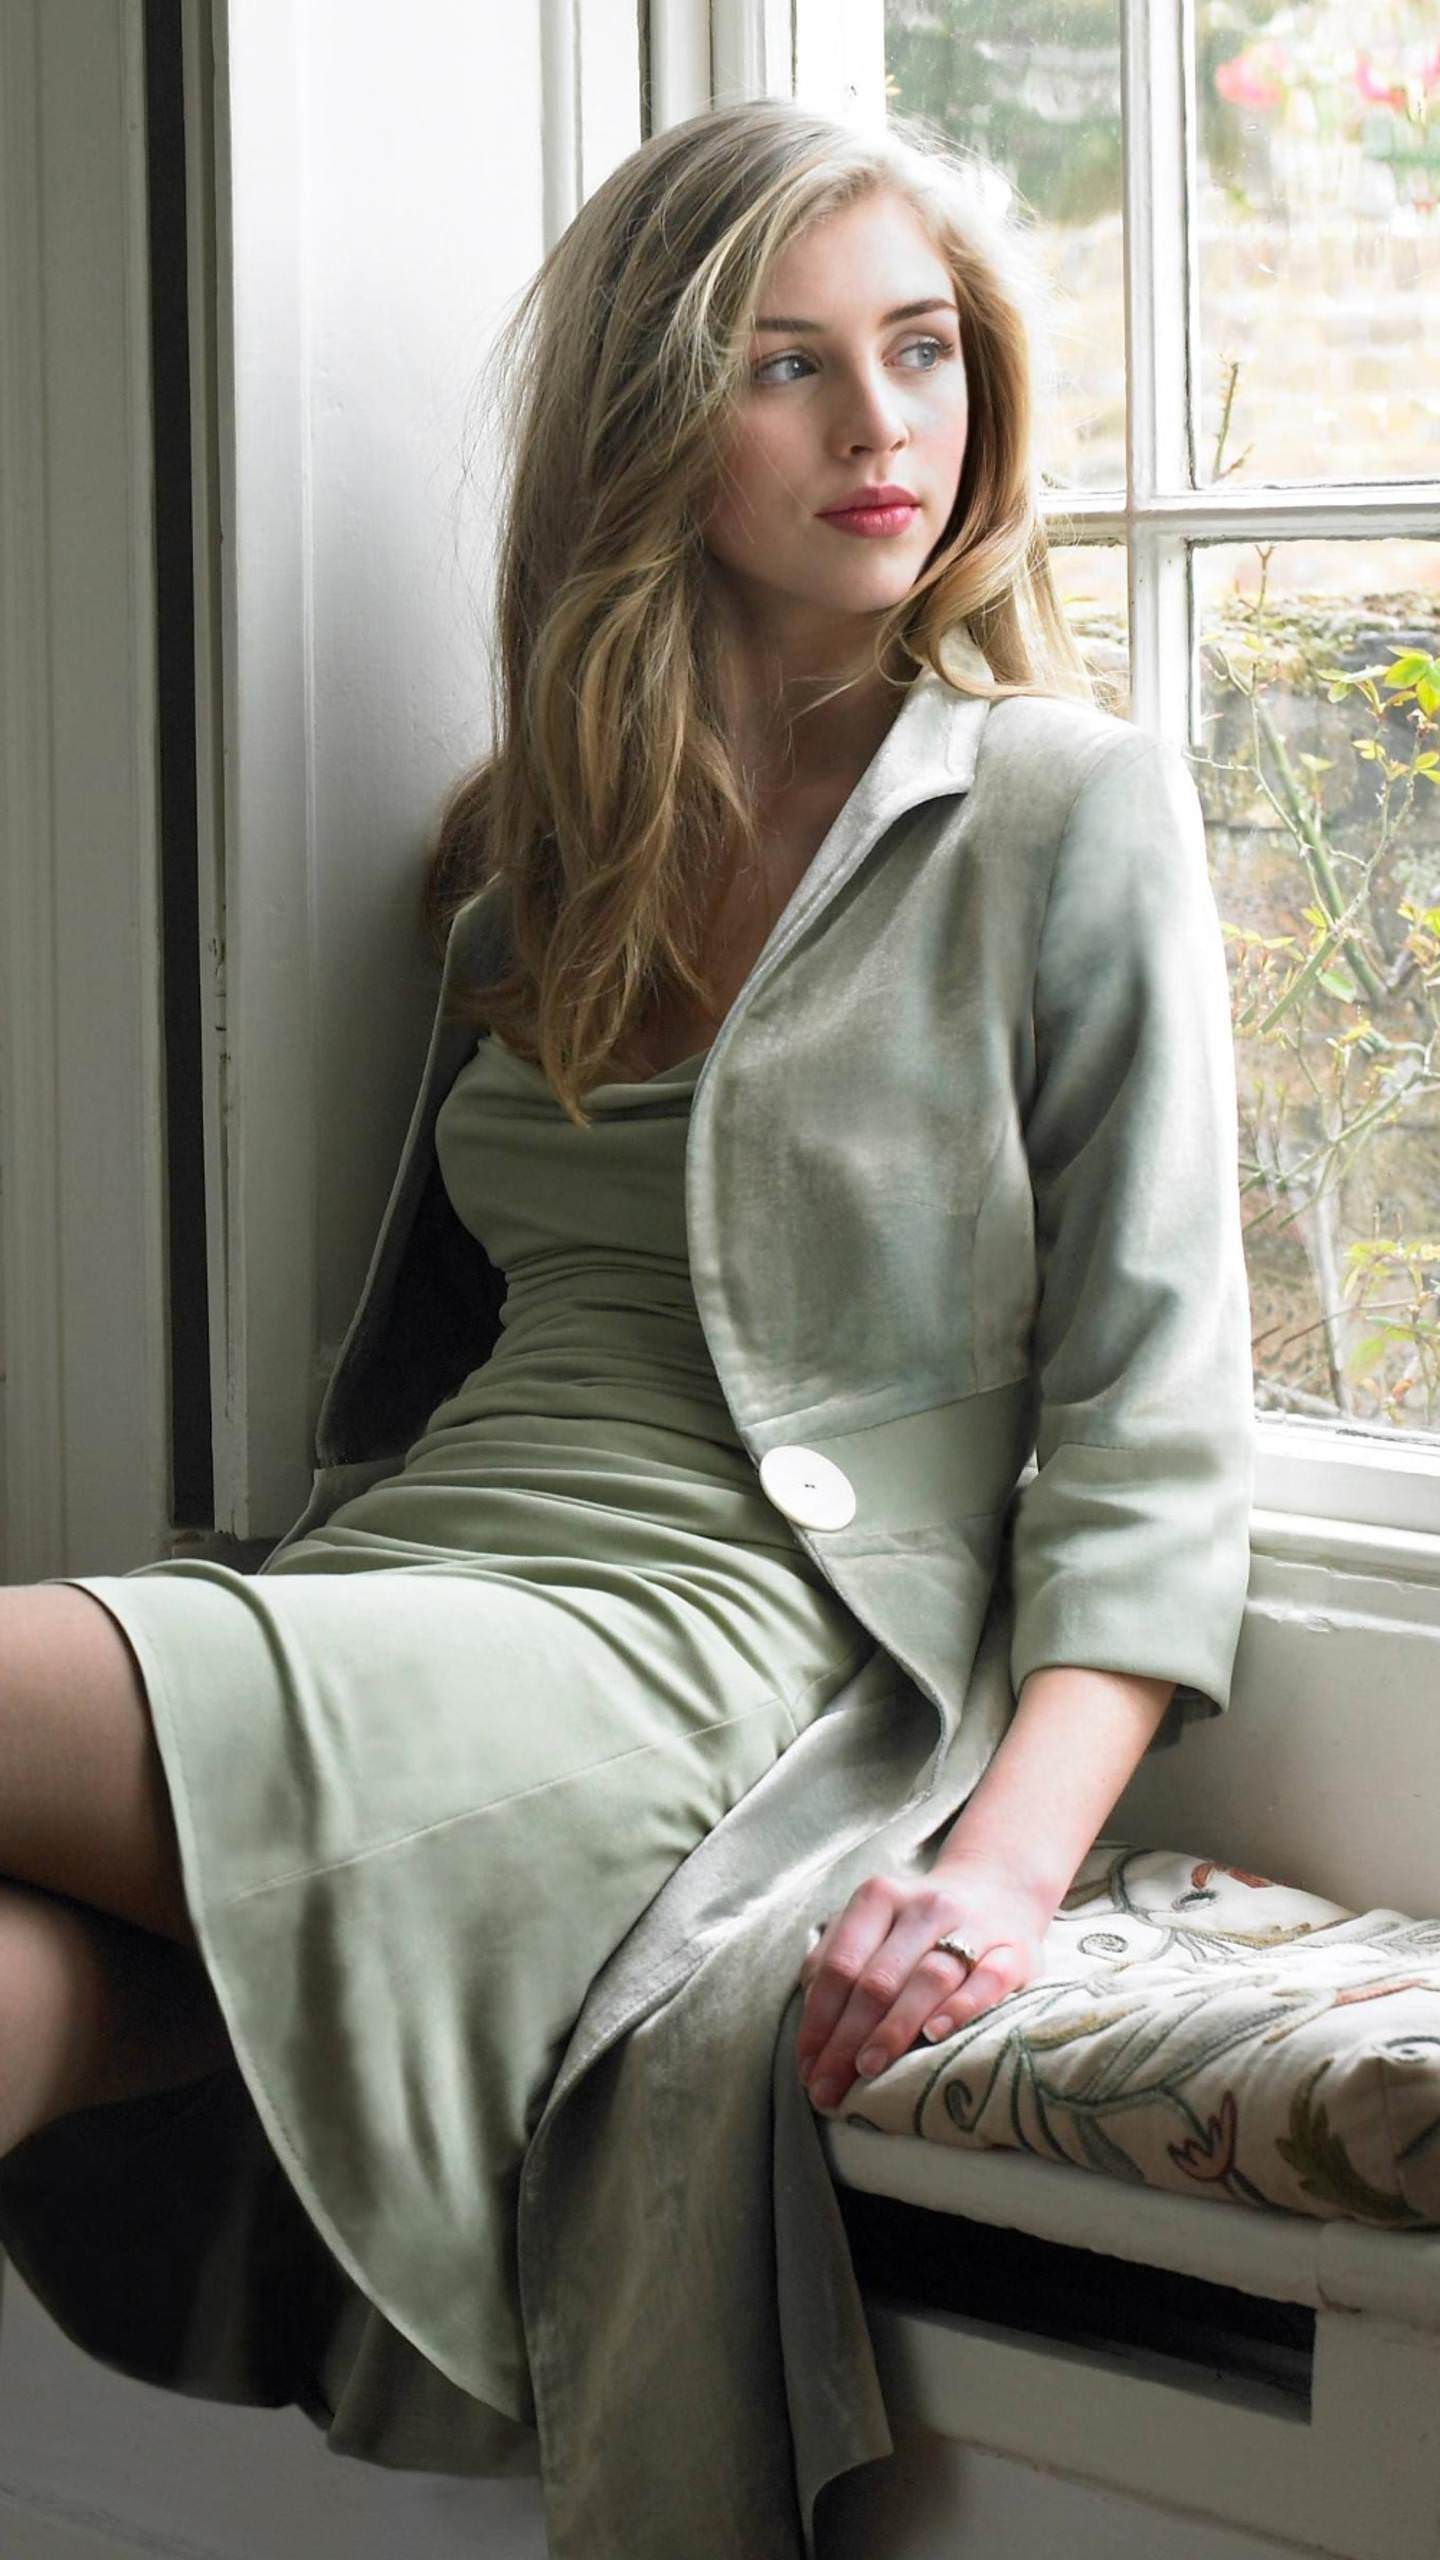 Hermione Corfield (born 1993)